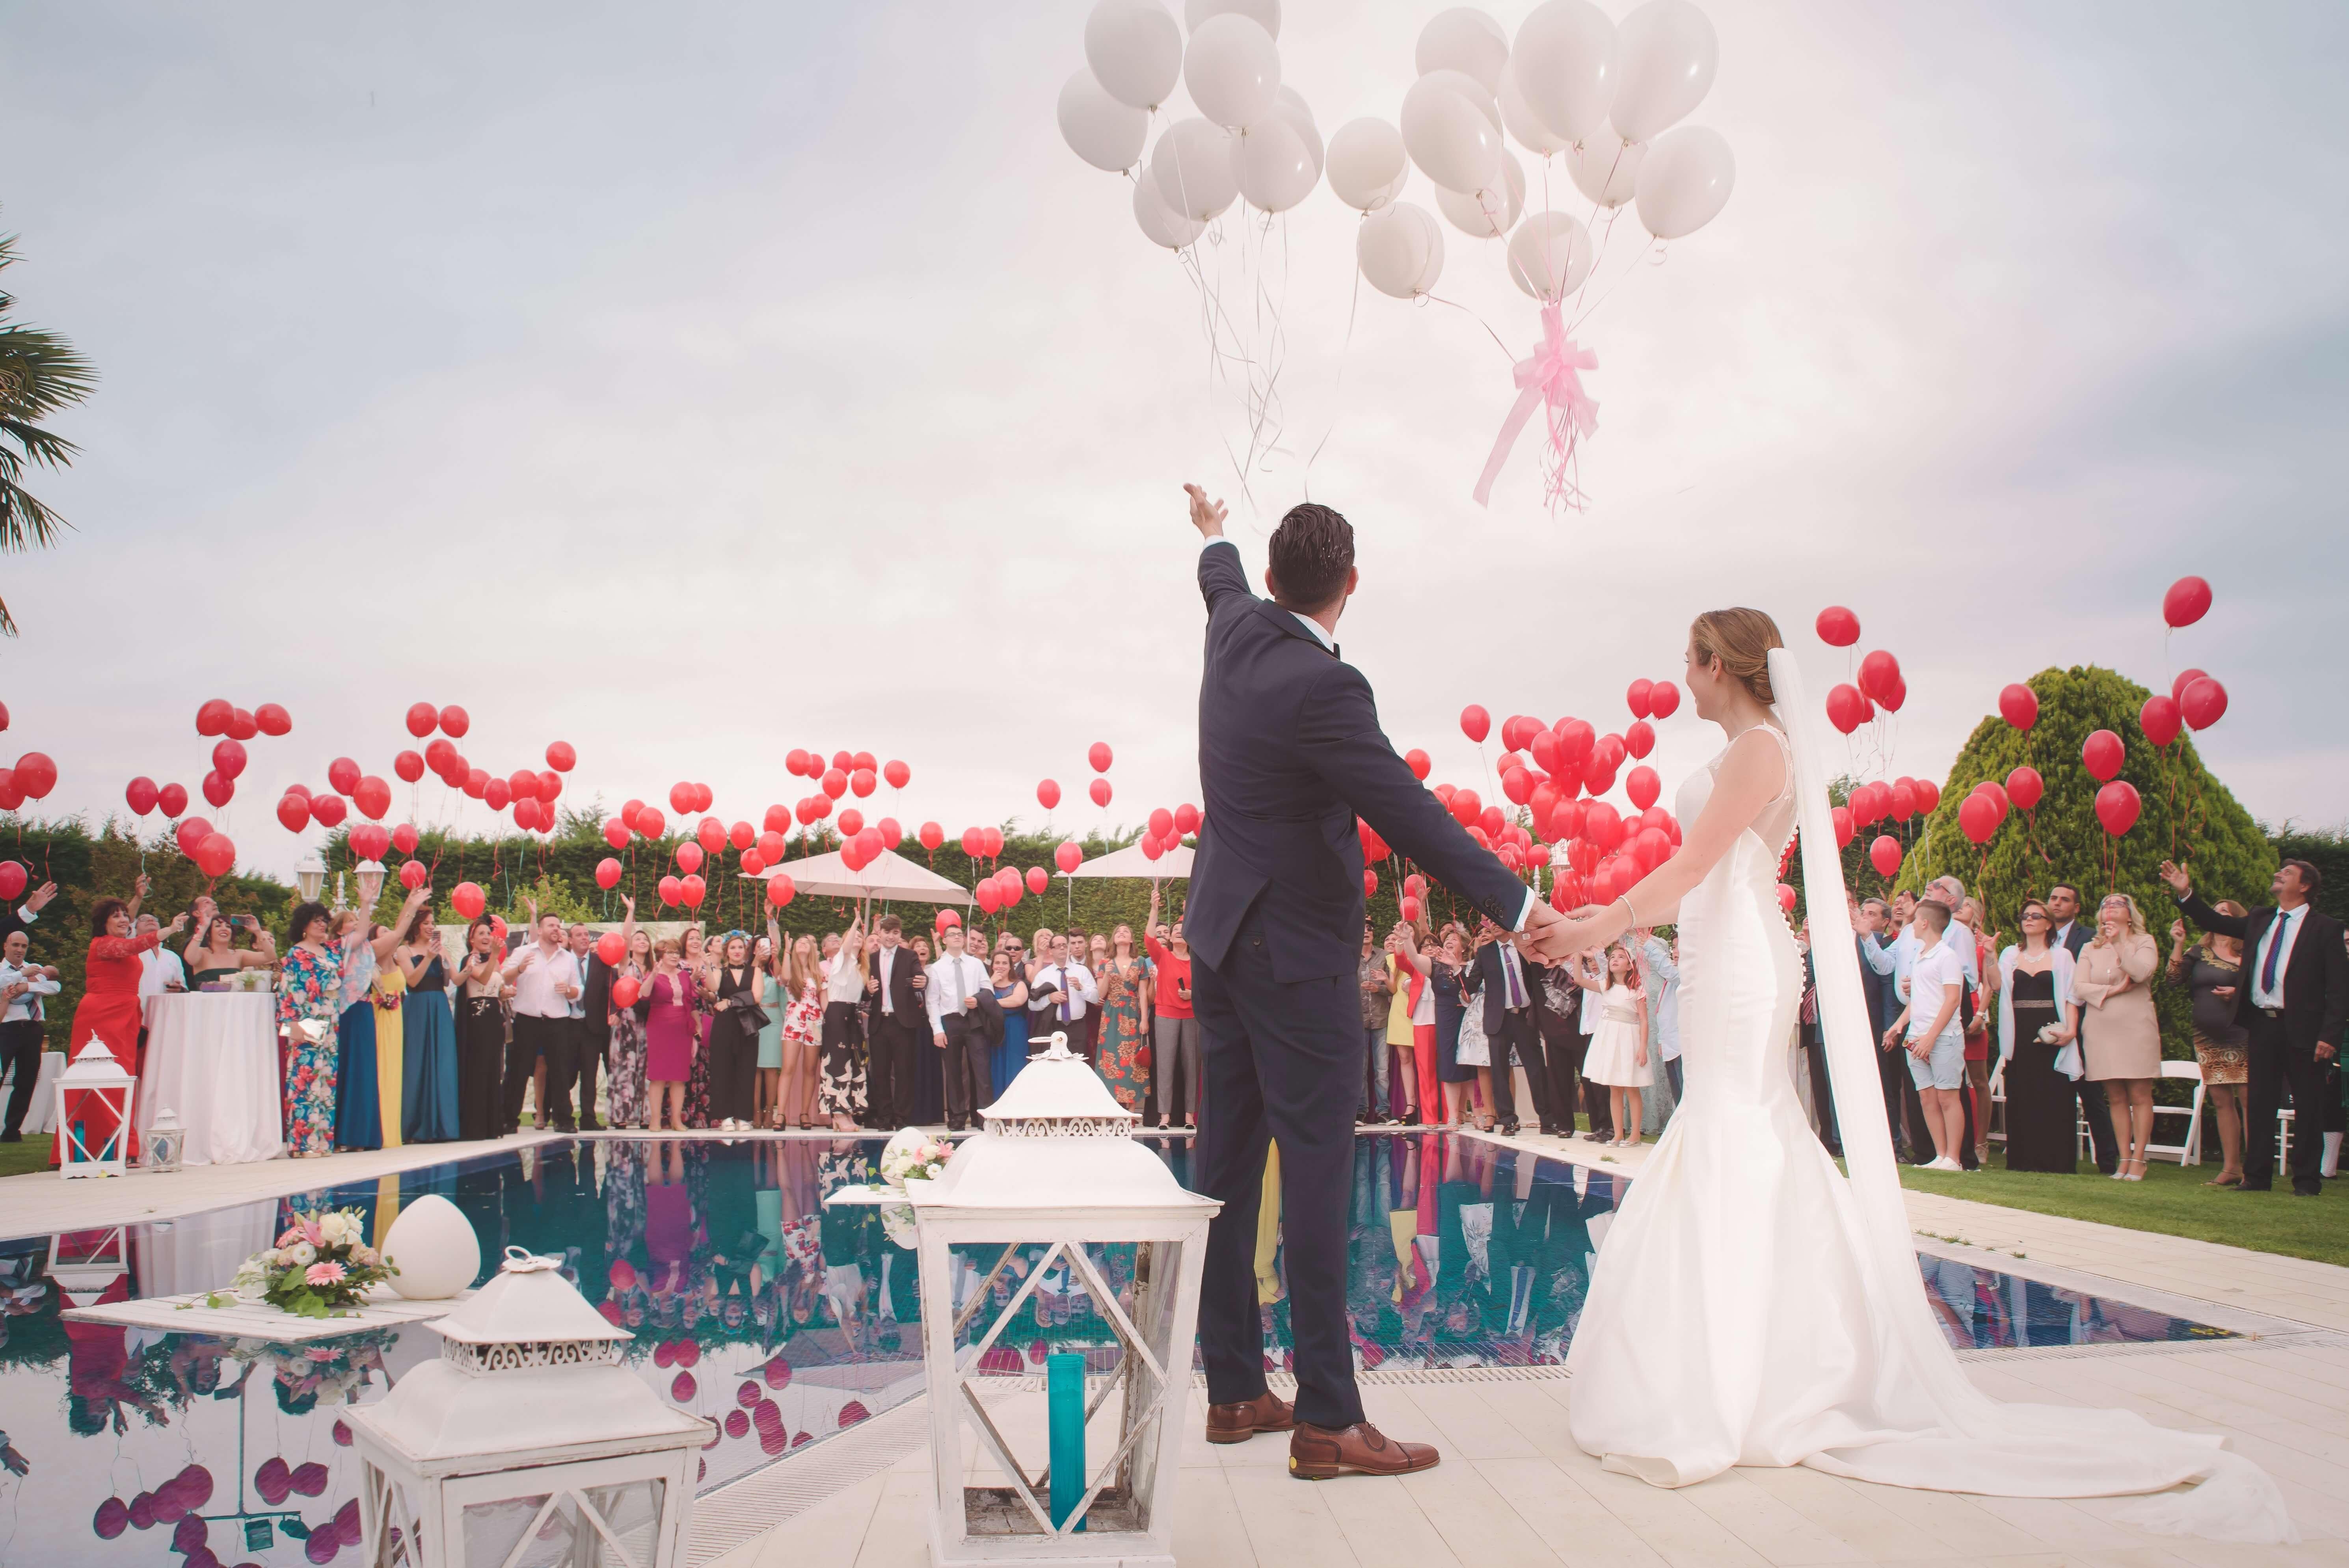 結婚式ムービーを自作したい人におすすめの動画編集ソフト5選!